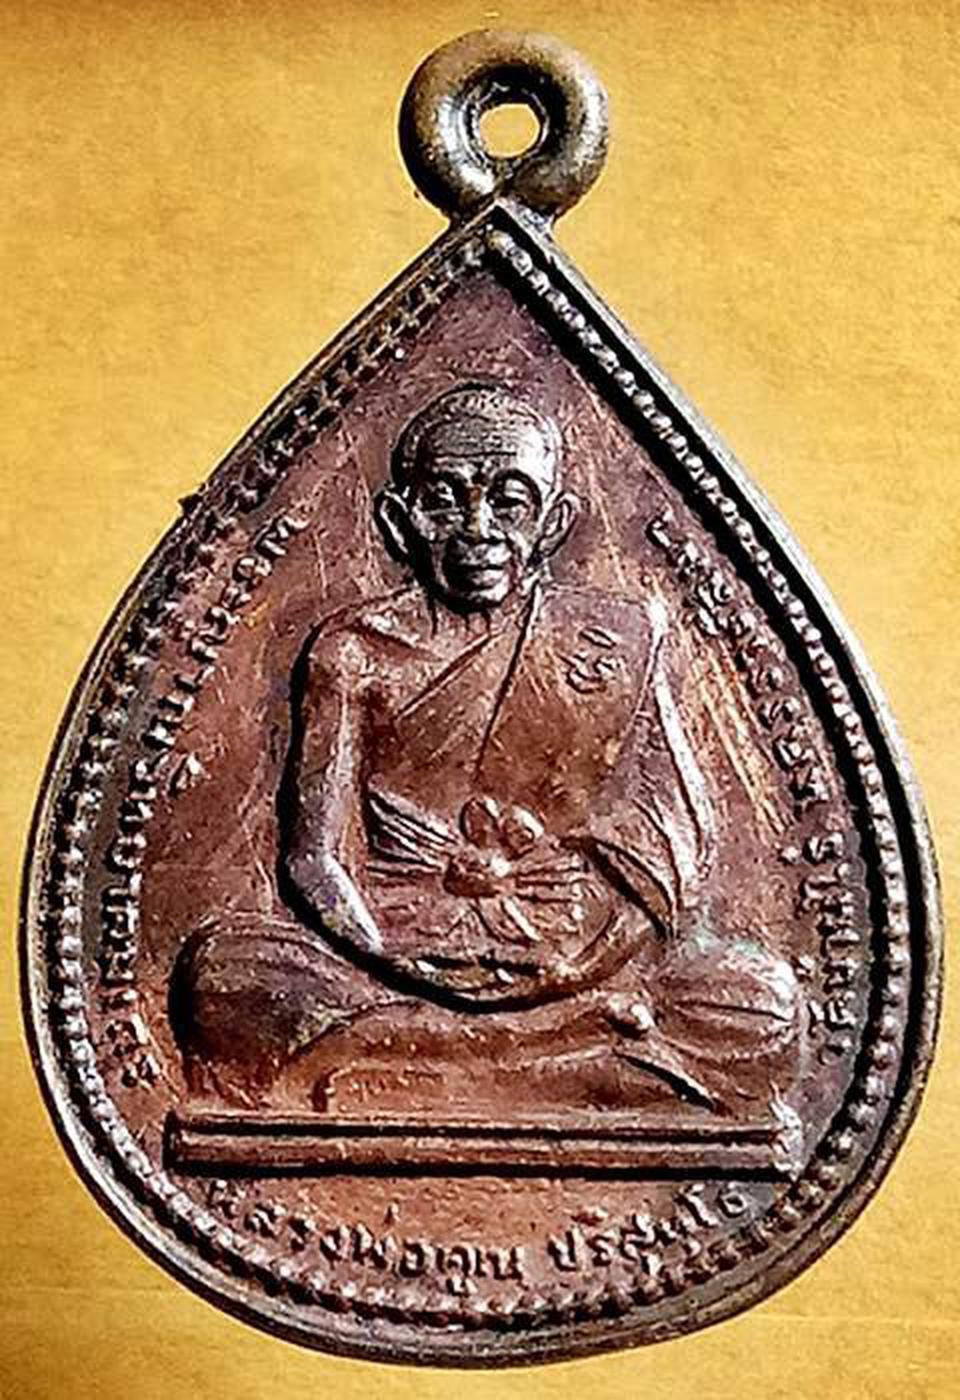 เหรียญเลื่อนสมณศักดิ์ หลวงพ่อคูณ ปี35 พิมพ์หยดน้ำ รูปที่ 2